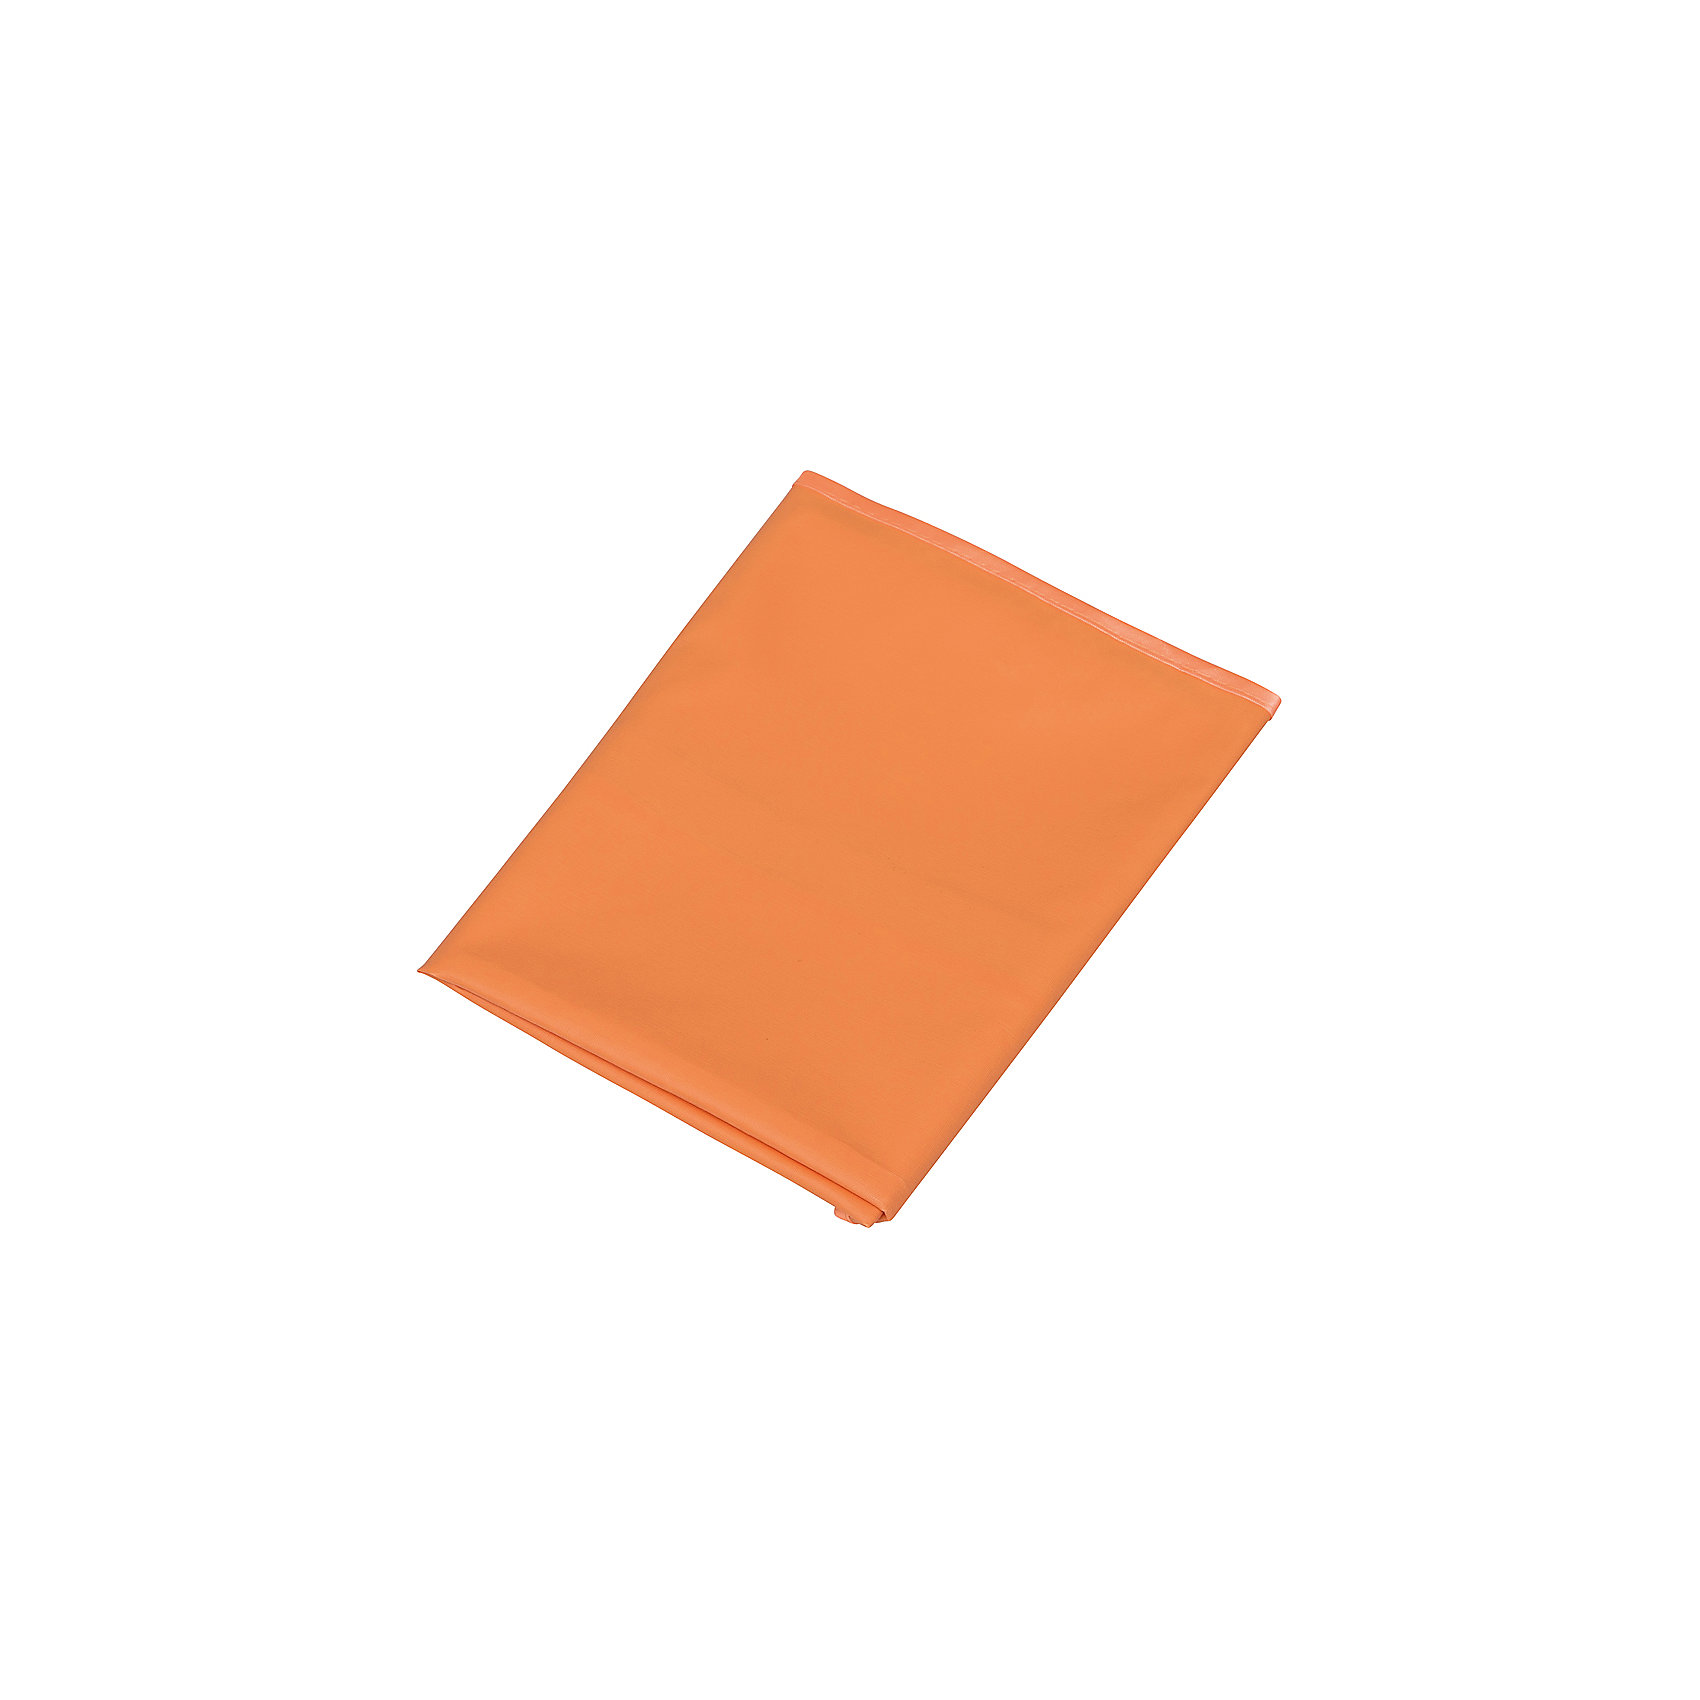 Клеенка подкладная с ПВХ покрытием, Roxy-Kids, оранжевыйКлеенка подкладная с ПВХ покрытием, Roxy-Kids, оранжевый идеально подходит к размерам детских матрасиков в кроватках и колясках и рекомендована к применению в быту при уходе за малышами!<br><br>Характеристики:<br>-Соответствует всем медицинским требованиям <br>-Изготовлена из полиэфирной ткани: влагонепроницаемая, газопроницаемая и паропроницаемая, что способствует профилактики детских опрелостей <br>-ПВХ покрытие на лицевой стороне обладает отличной теплопроводностью, быстро приобретает температуру тела без «эффекта холодного прикосновения»<br>-Идеально подходит к размерам детских матрасиков в кроватках и колясках<br><br>Дополнительная информация:<br>-Размер: 100х70 см<br>-Размеры в упаковке: 21х17 см<br>-Вес в упаковке: 50 г<br>-Цвет: оранжевый<br>-Материалы: ПВХ, текстиль<br><br>Безопасная и практичная клеенка с ПВХ покрытием идеальна для защиты детской кожи и постельного белья и матраса, и с ней сон малыша будет сладким и крепким!<br><br>Клеенка подкладная с ПВХ покрытием, Roxy-Kids, оранжевый можно купить в нашем магазине.<br><br>Ширина мм: 210<br>Глубина мм: 170<br>Высота мм: 0<br>Вес г: 50<br>Возраст от месяцев: 0<br>Возраст до месяцев: 12<br>Пол: Унисекс<br>Возраст: Детский<br>SKU: 4231883